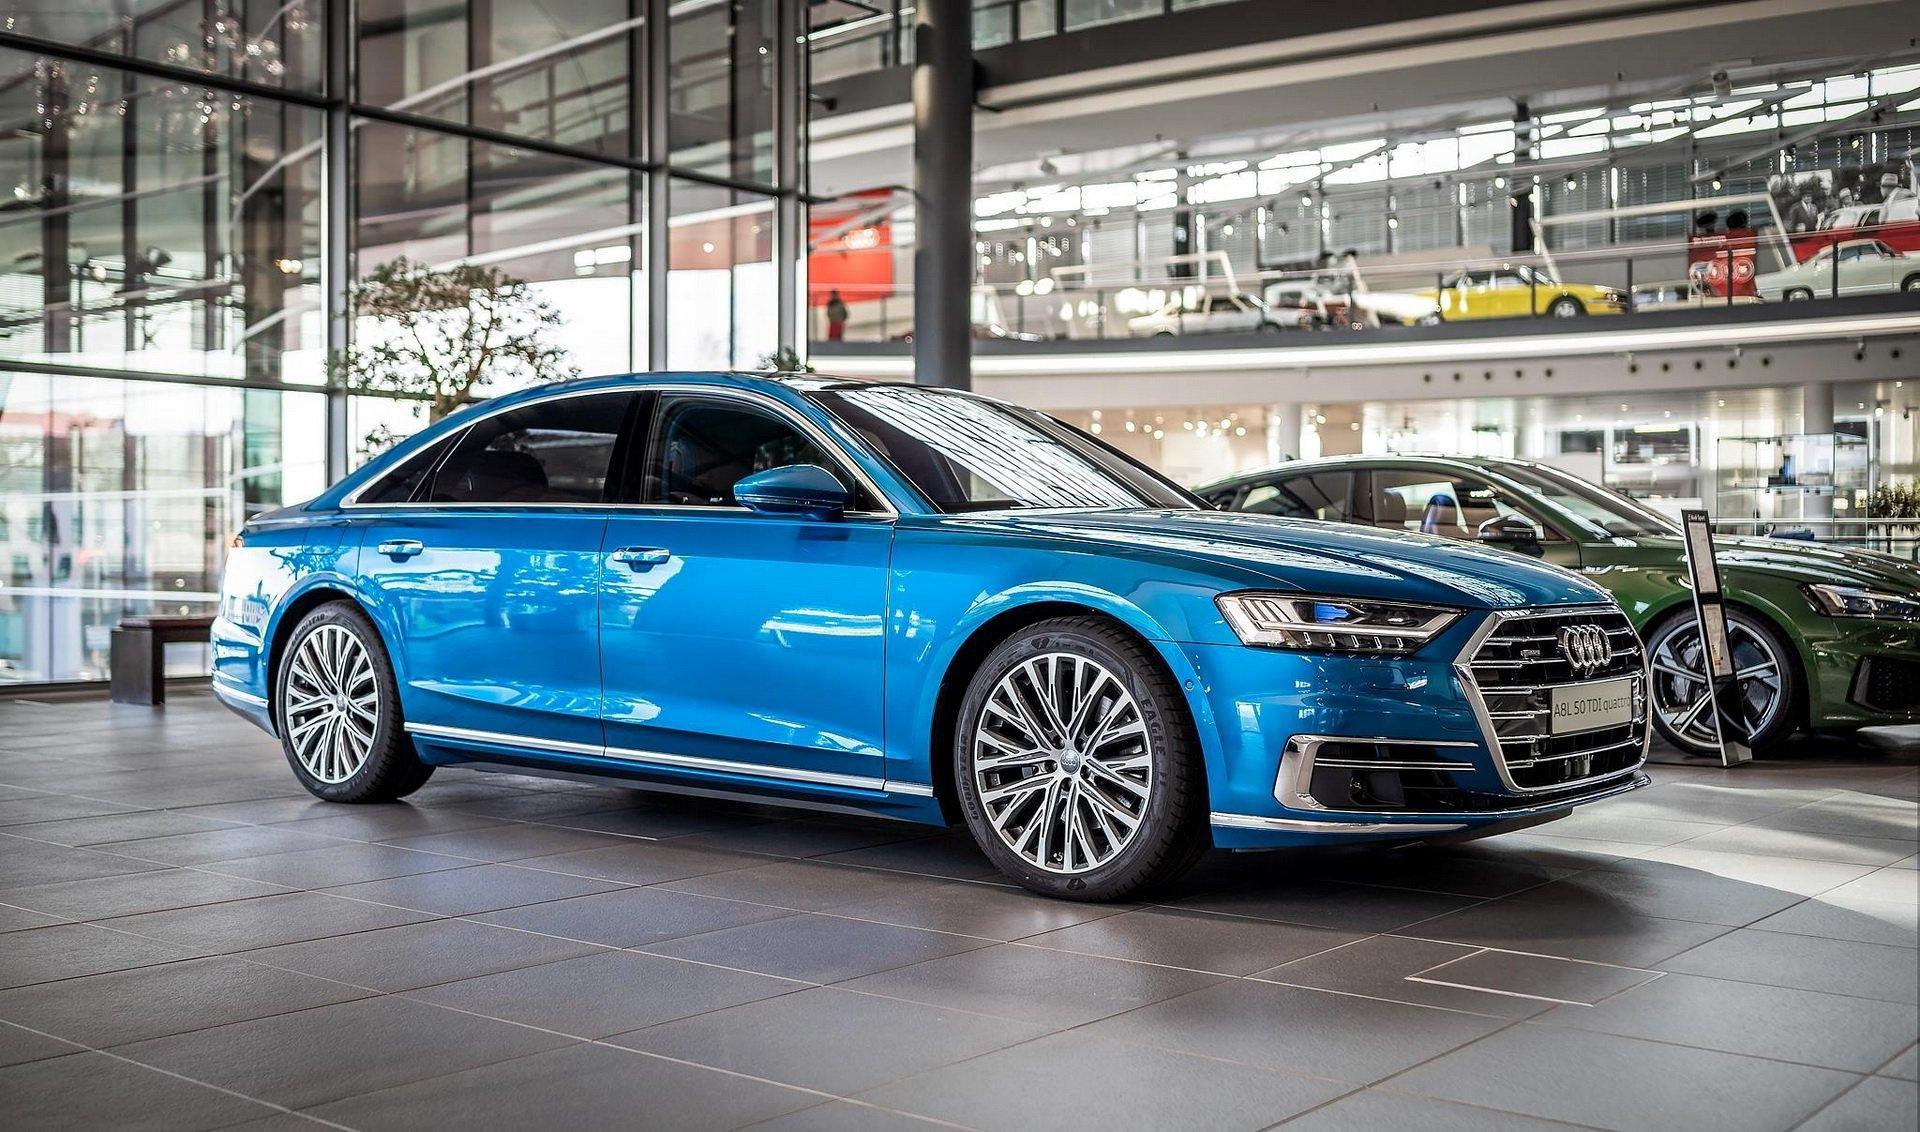 Audi A8 với màu sơn độc quyền trị giá gần 80 triệu đồng Ảnh 1